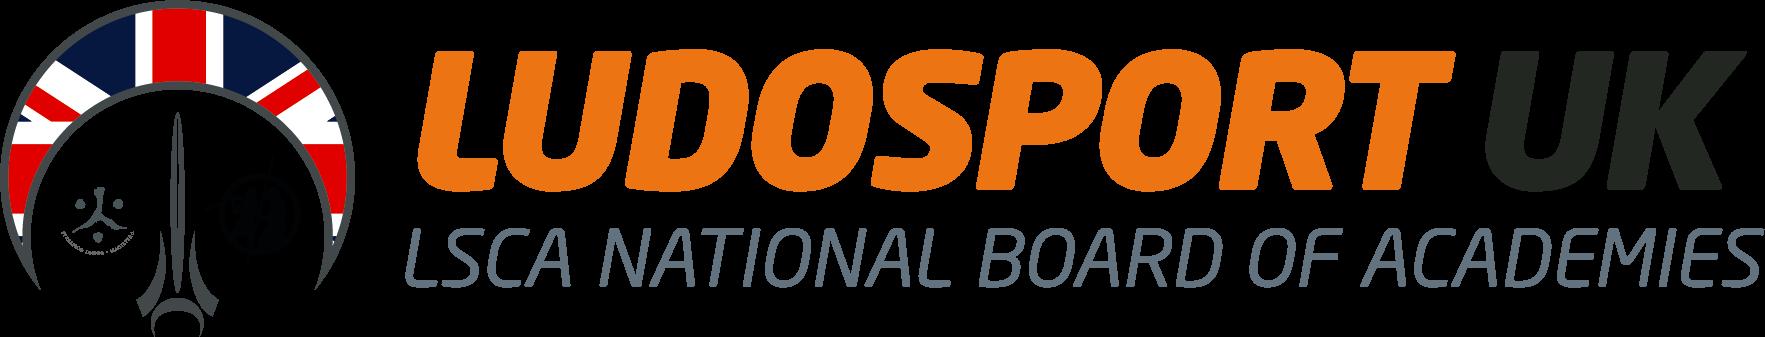 LudoSport UK